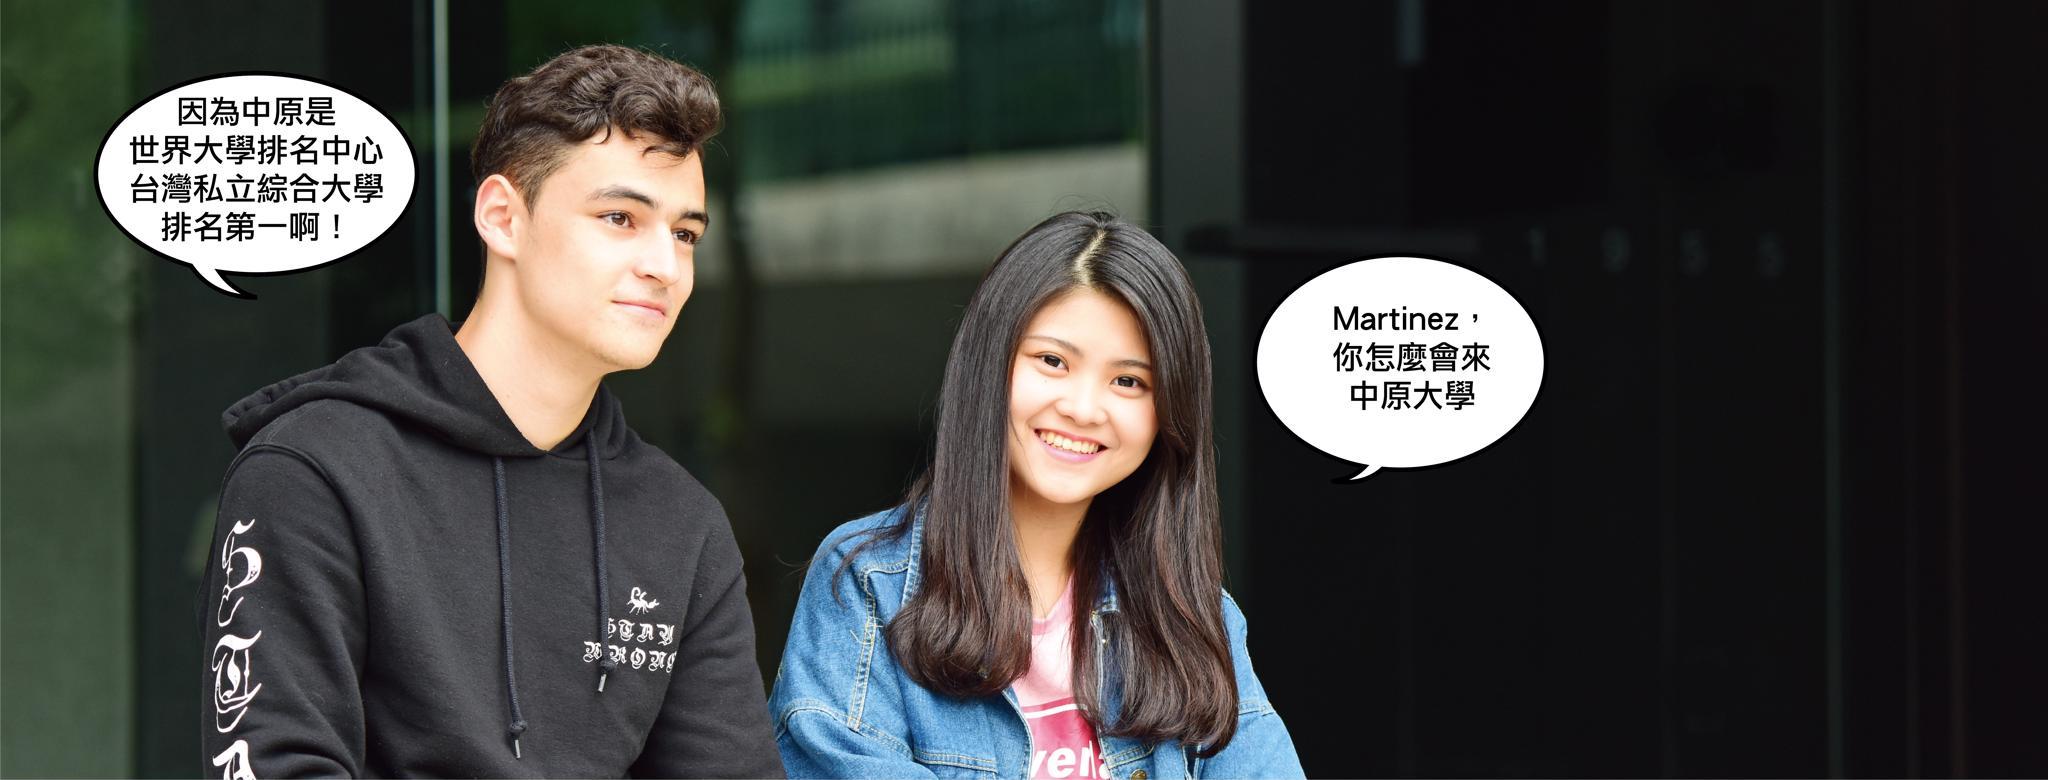 中原連續五年榮獲台灣私立綜合大學第一名